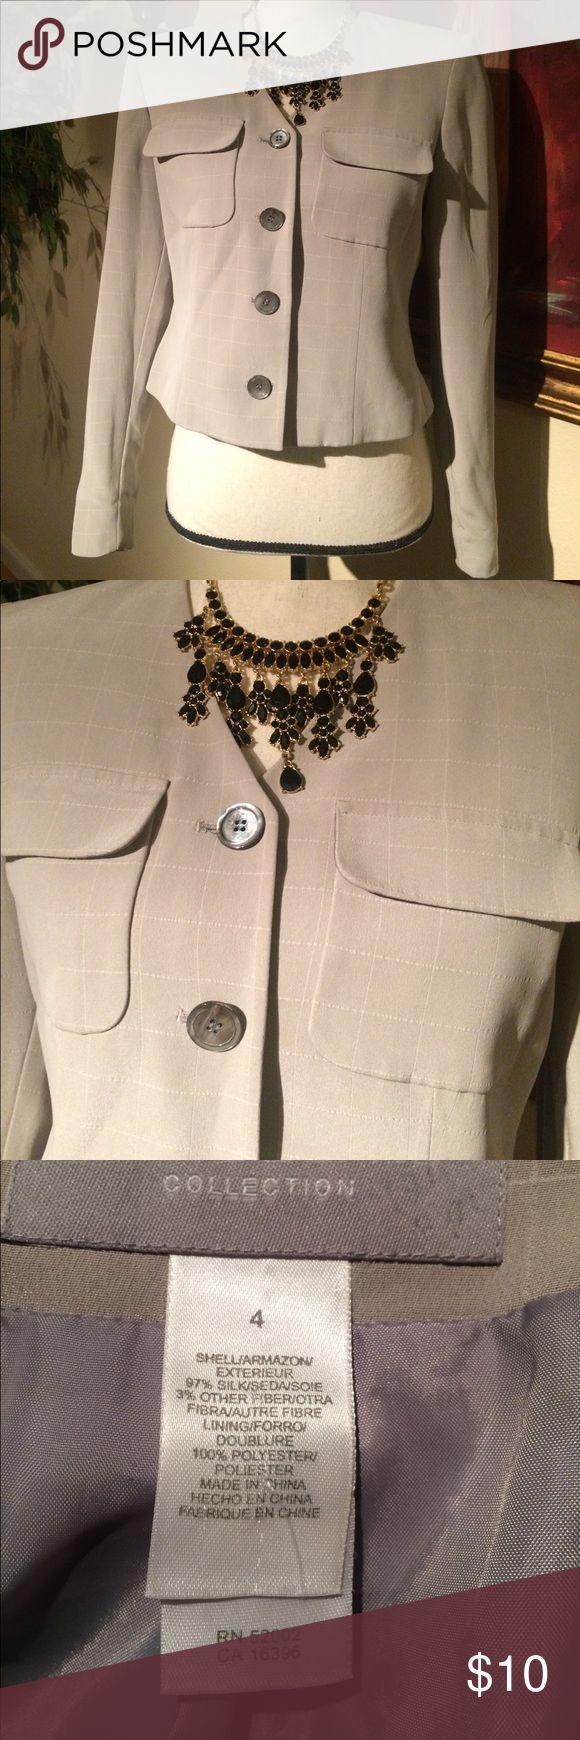 Cute blazer Cute blazer 97% silk size 4 by Liz Claiborne used in great condition Liz Claiborne Jackets & Coats Blazers